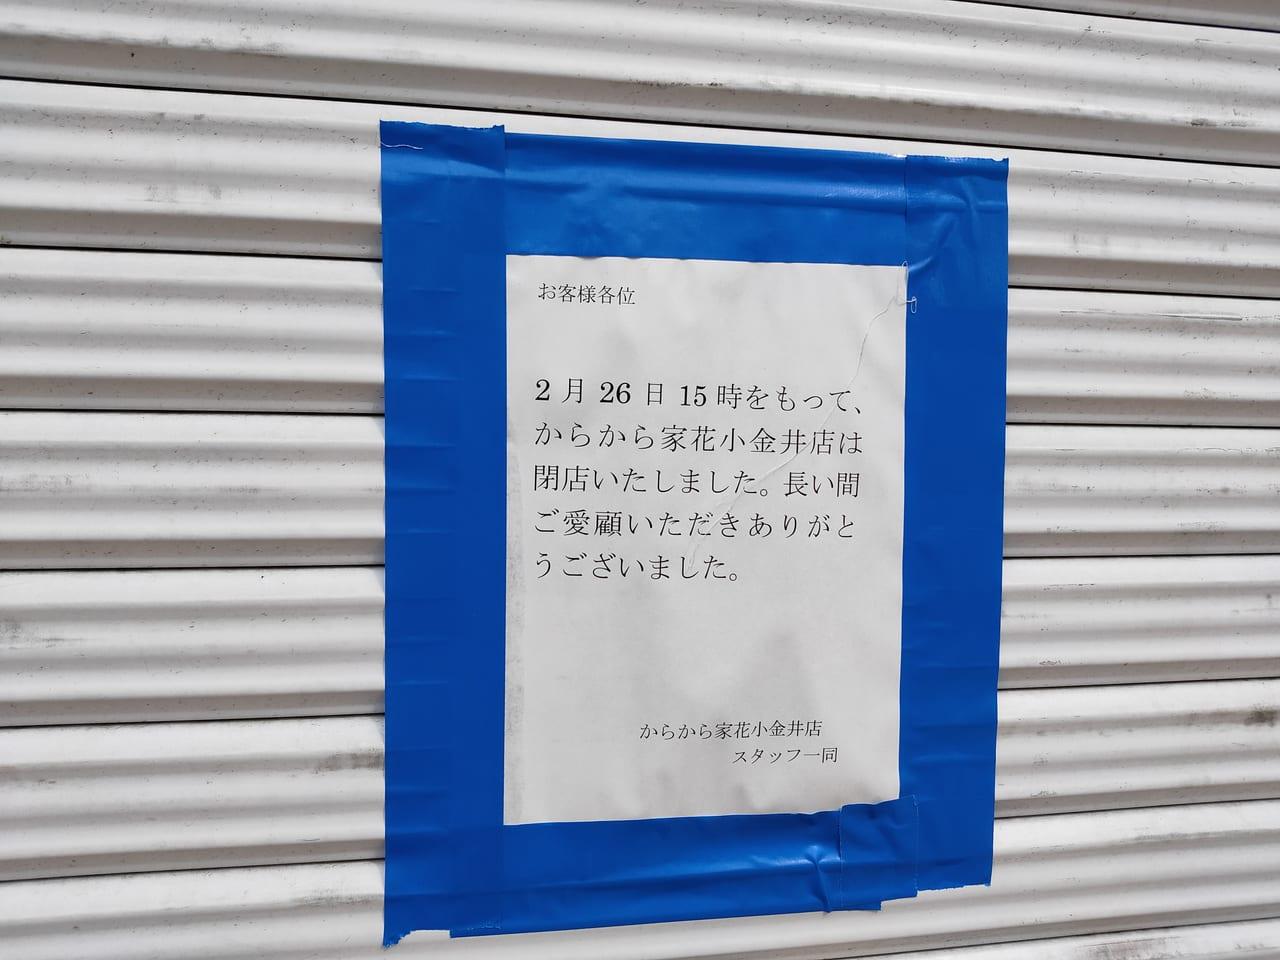 からから家花小金井西友店閉店のお知らせ